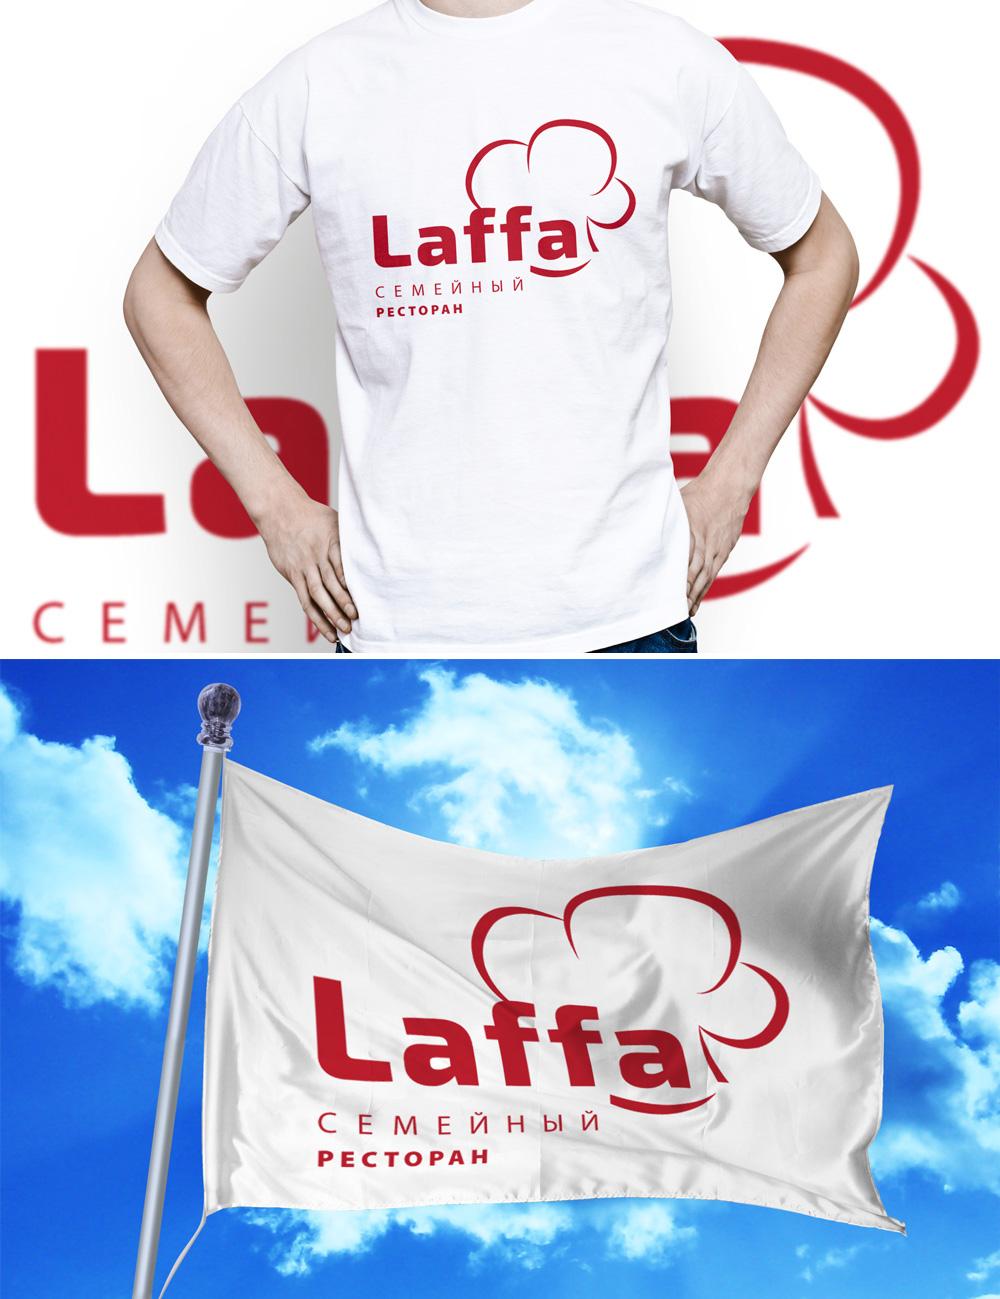 Нужно нарисовать логотип для семейного итальянского ресторан фото f_000554cc17e45935.jpg